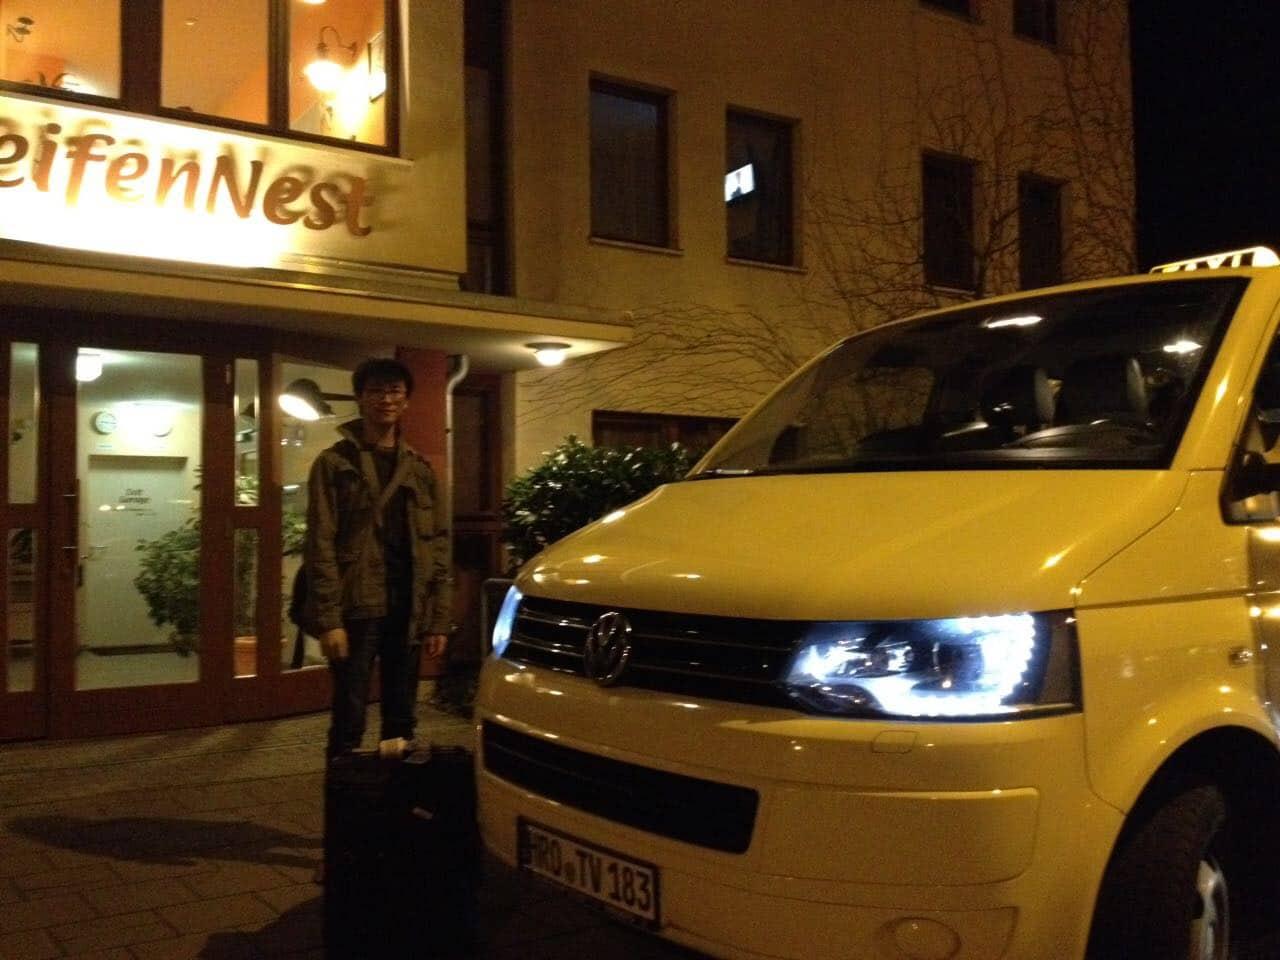 Taxi Rostock Fahrt zum Flughafen Laage mit einem Briten Bild 1